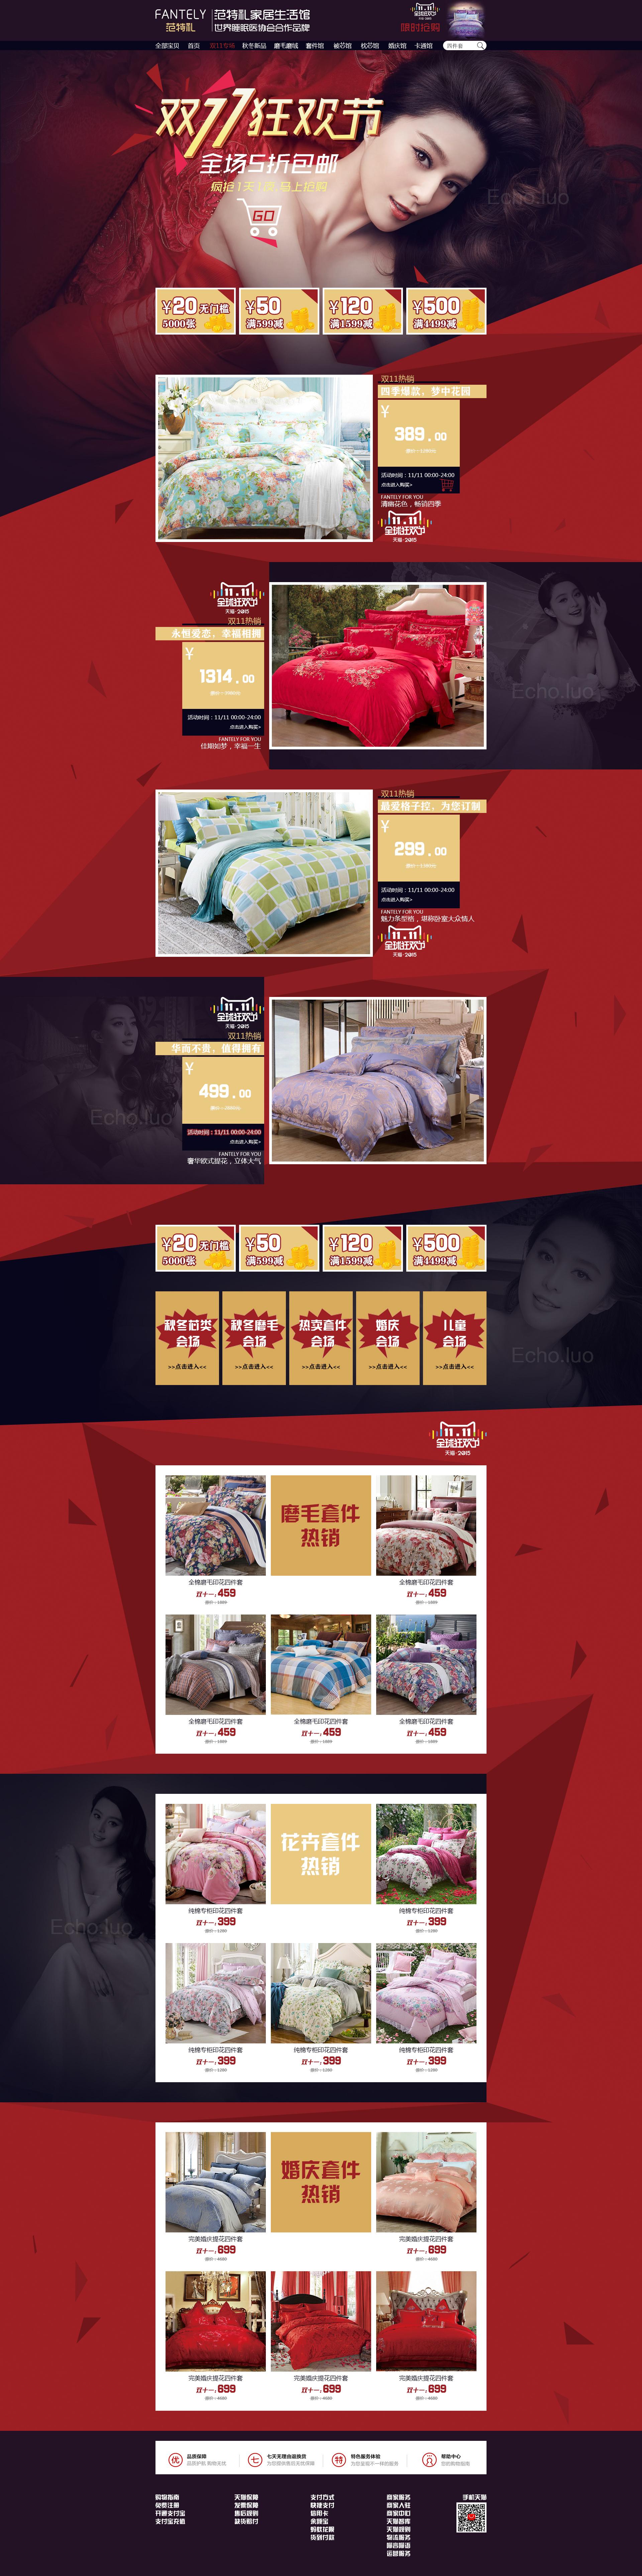 双十一专题页设计|网页|专题/活动|luo某某 - 原创图片